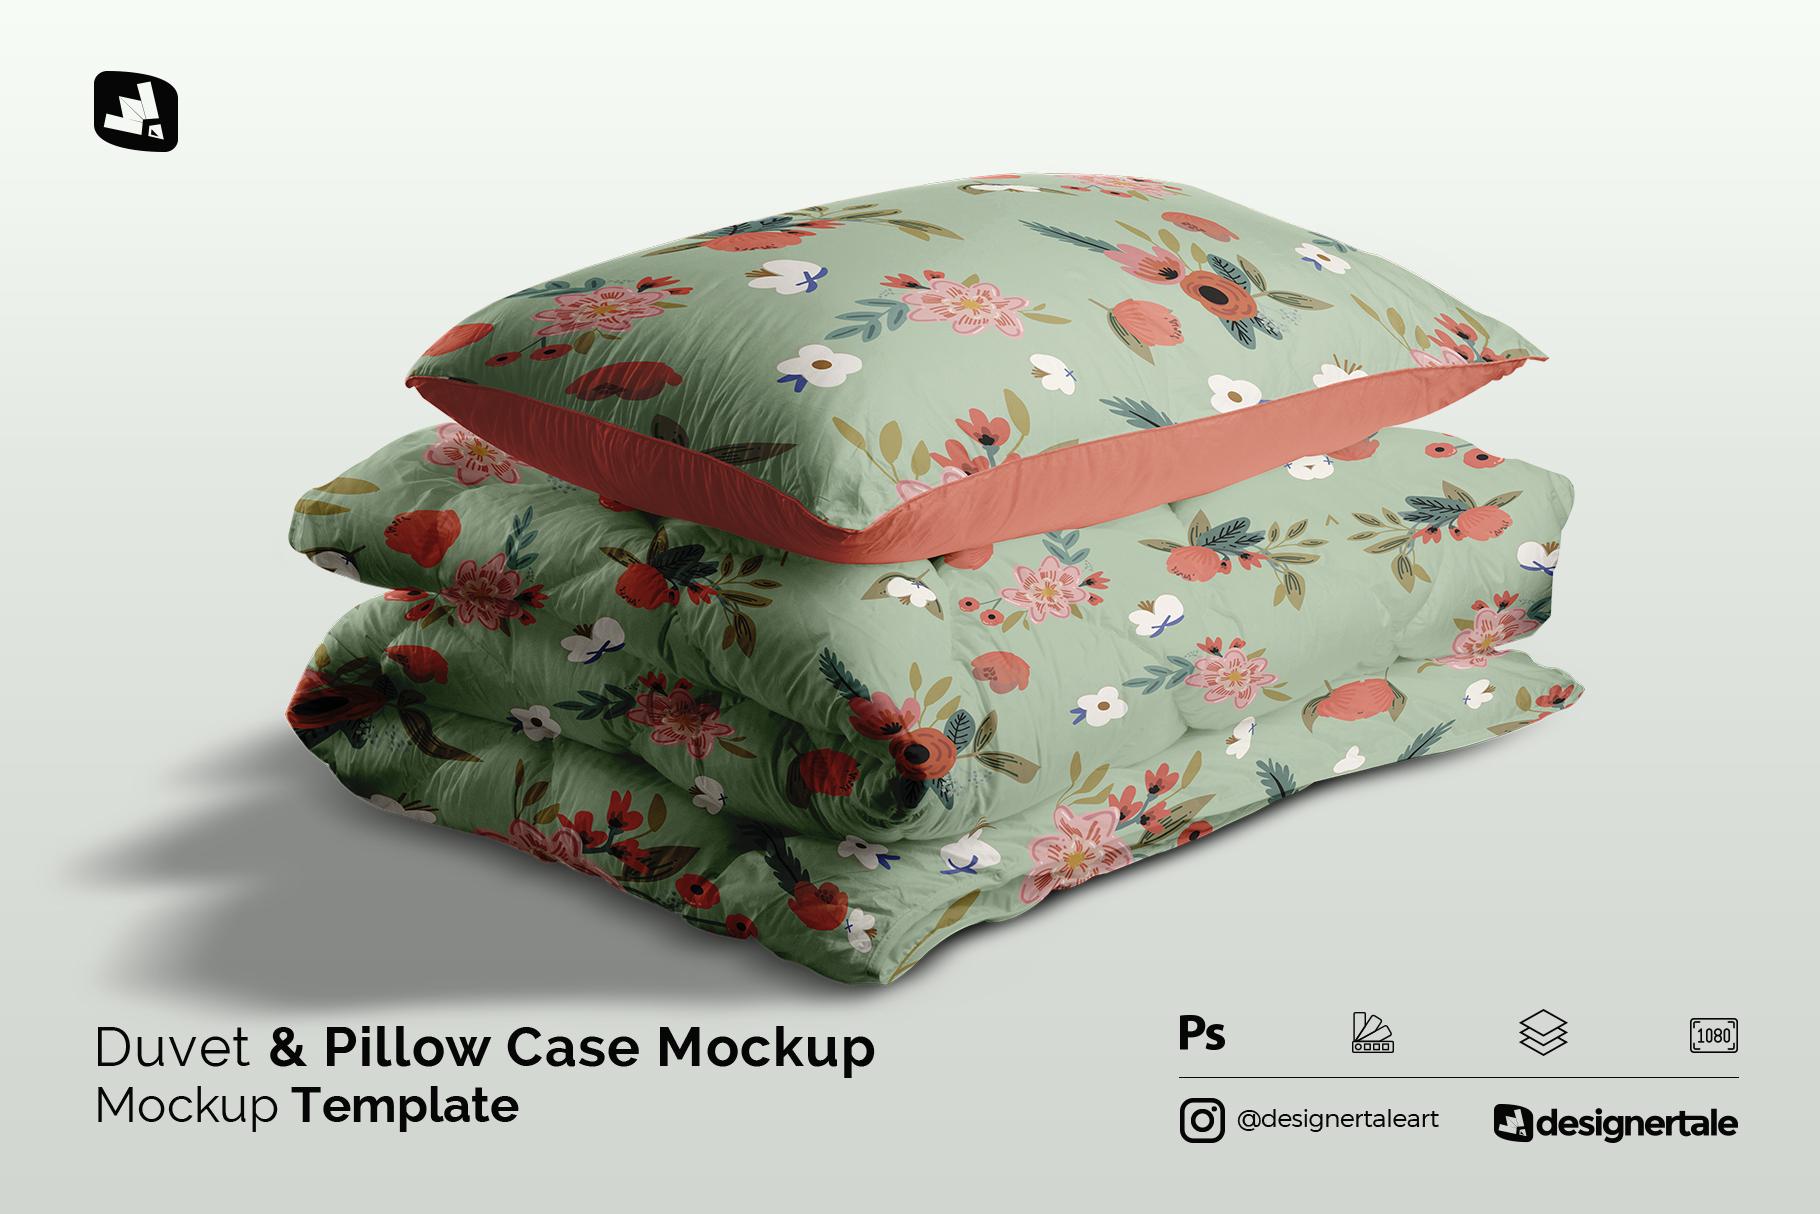 duvet & pillow case mockup